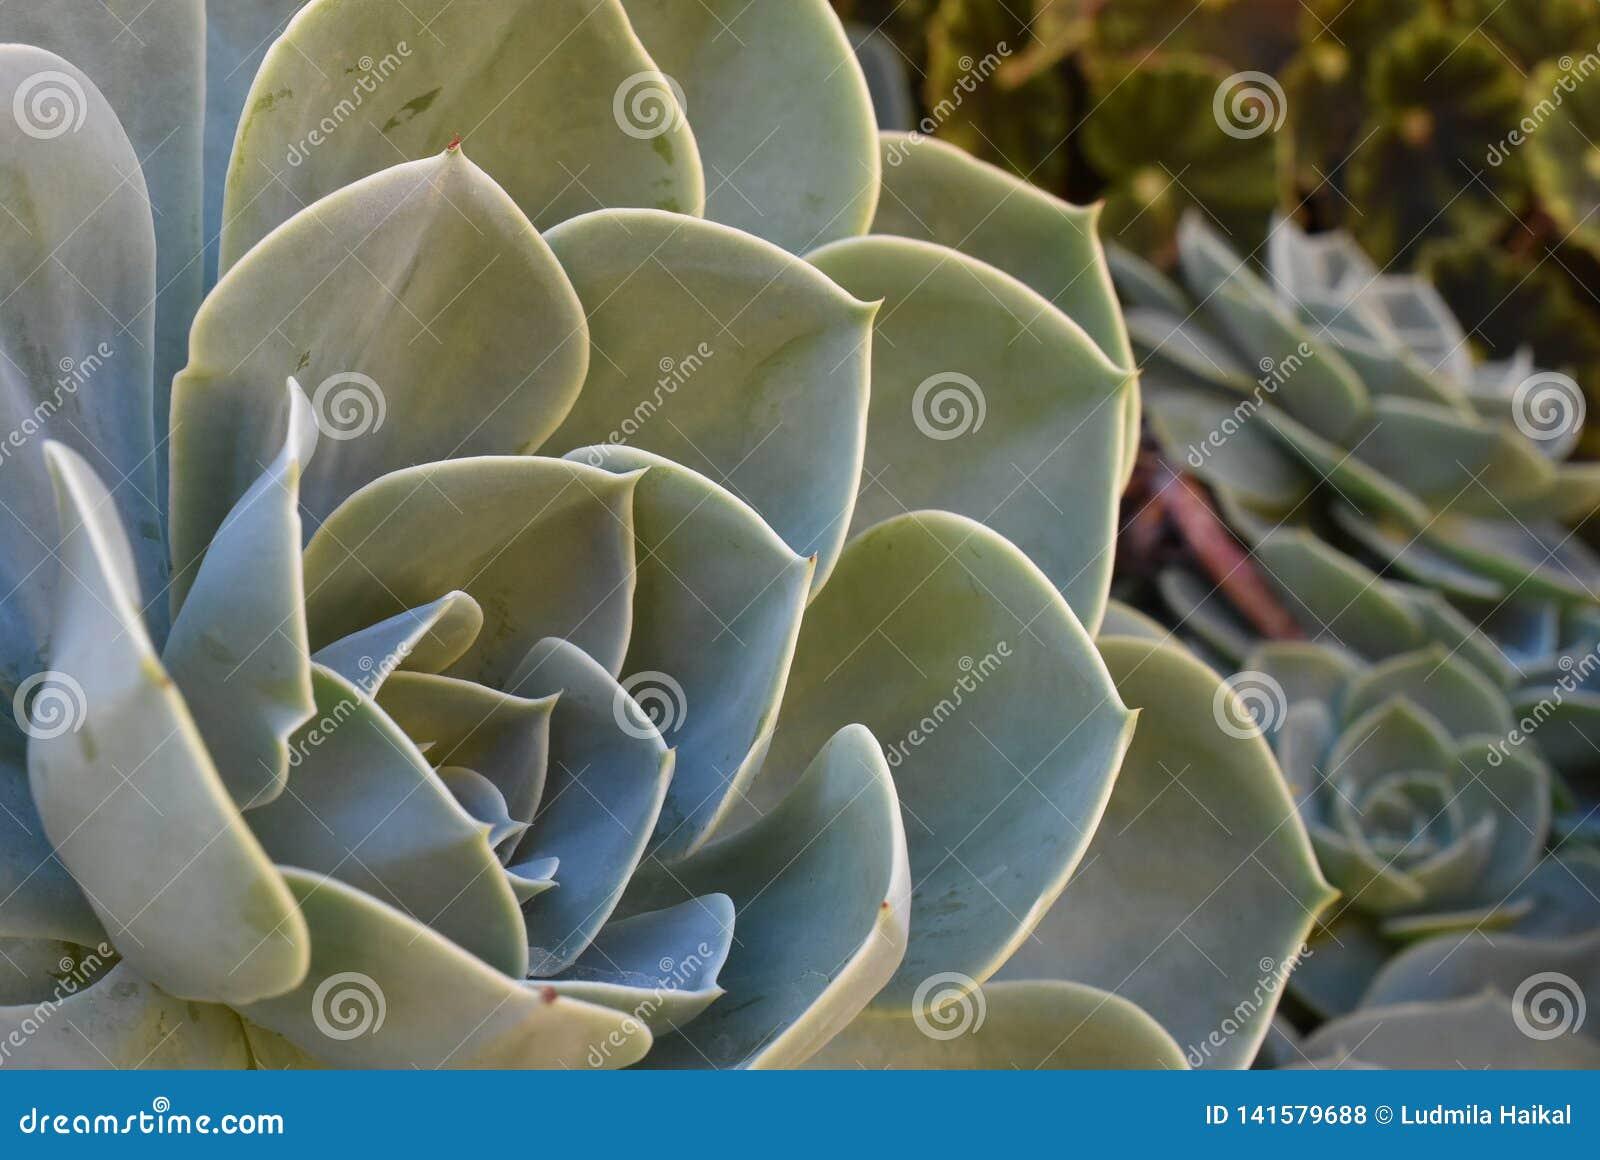 Planta na flor no jardim Bola mexicana da neve, gema mexicana, rosa mexicana branca Planta suculento em um jardim do deserto cien